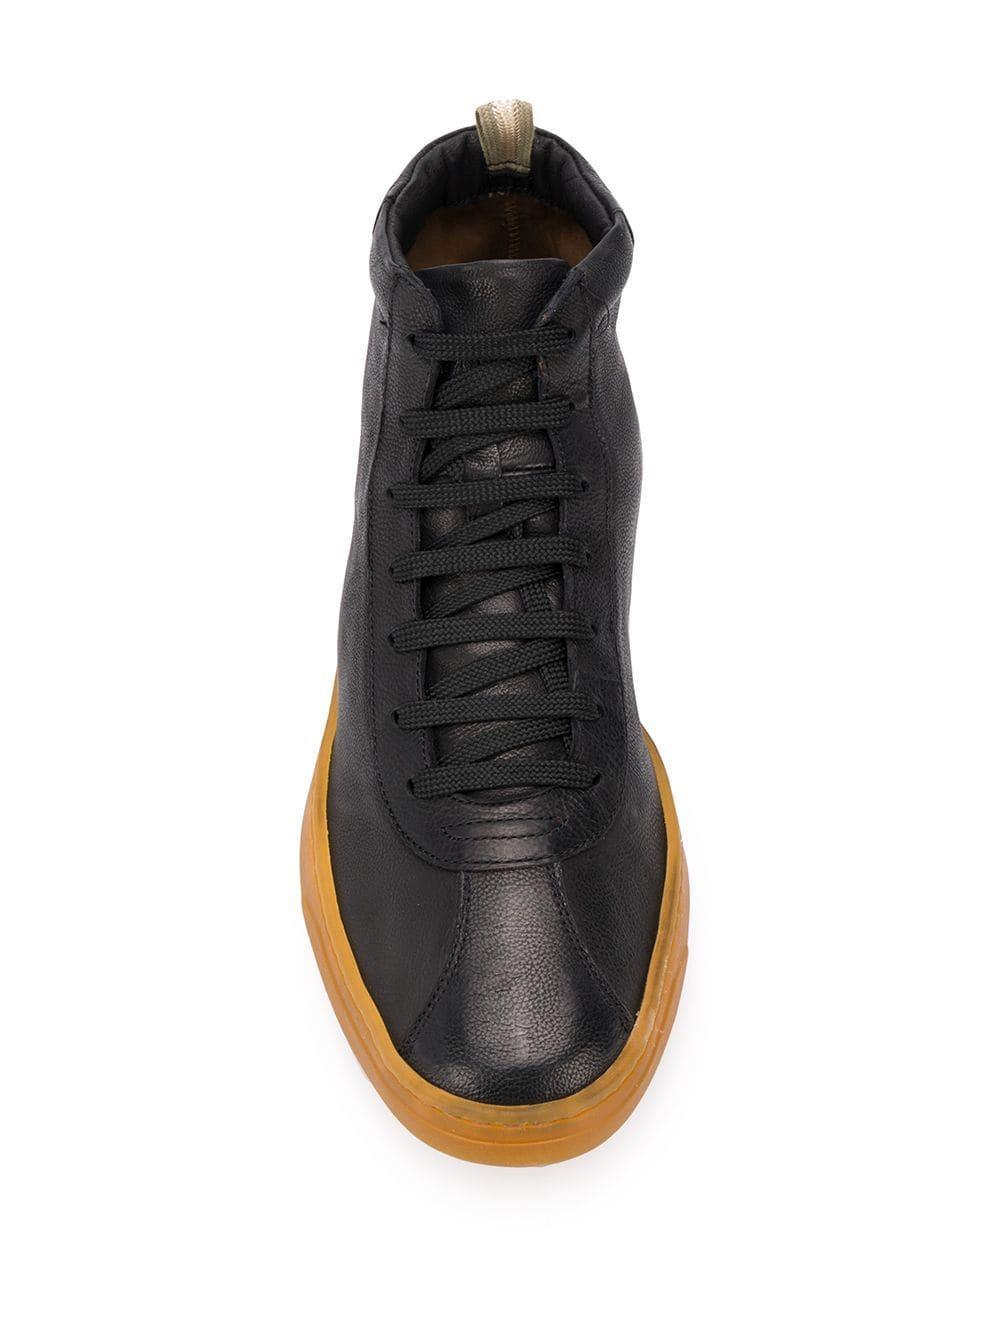 Officine Creative Leer High-top Sneakers in het Zwart voor heren